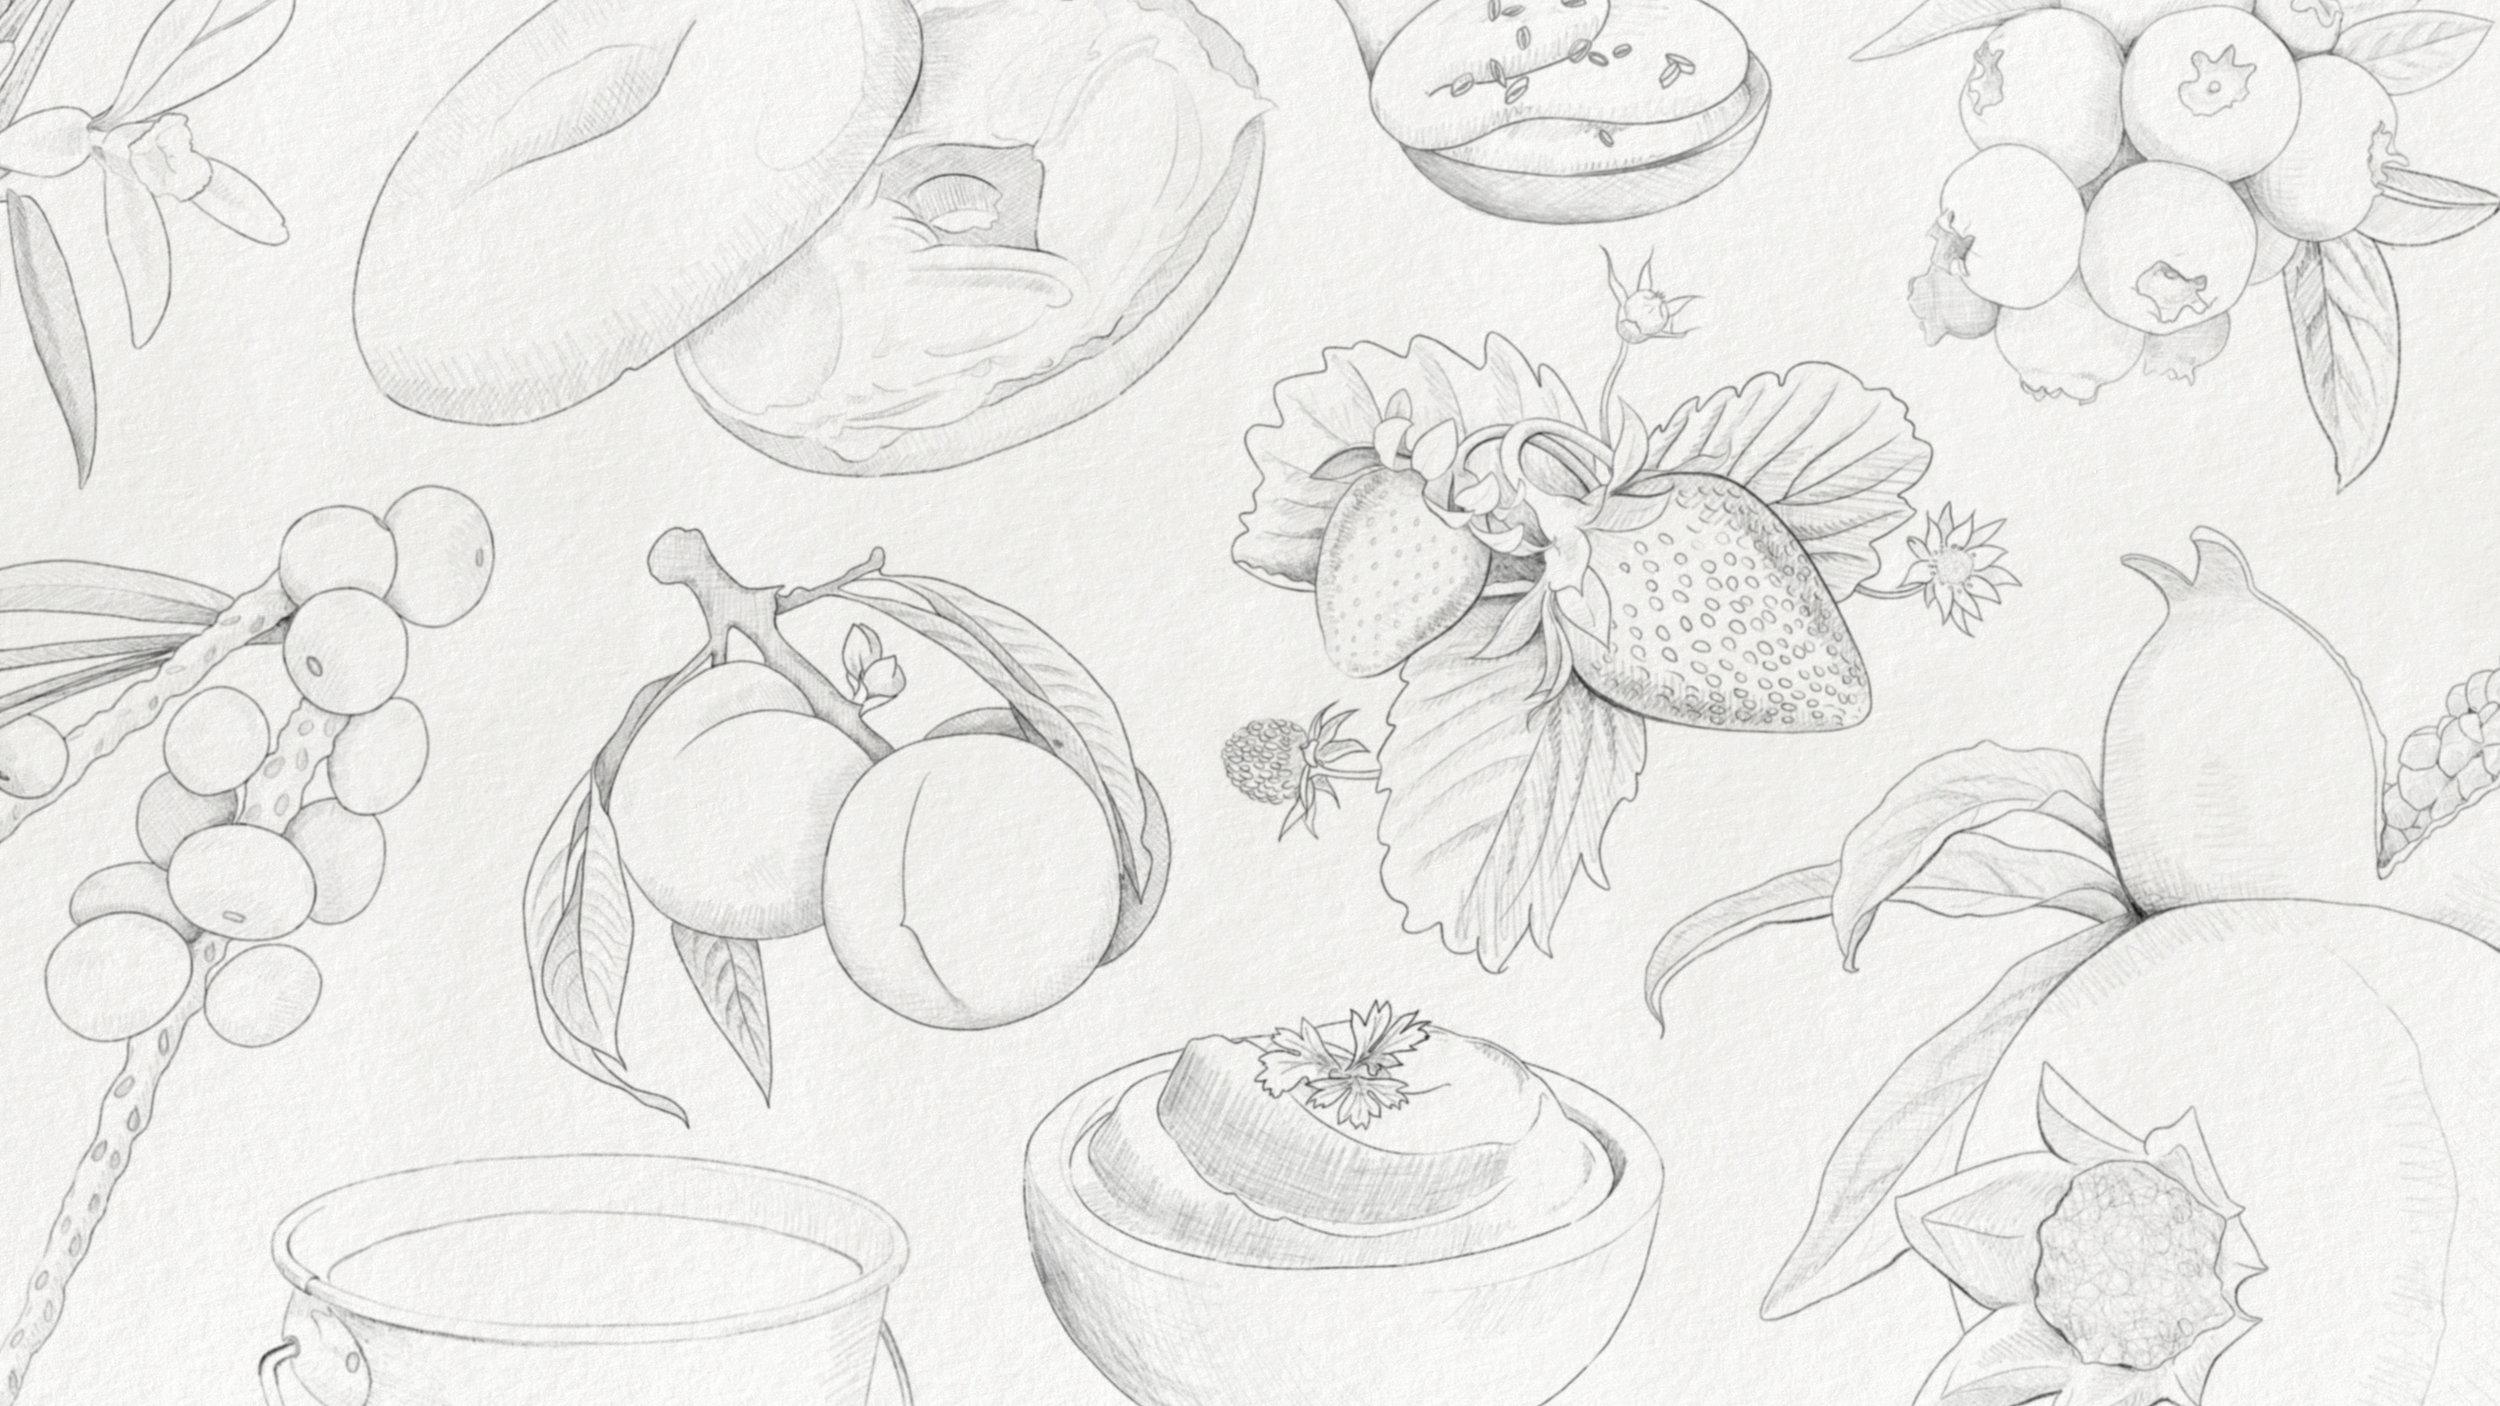 GVC_Web_Illustration_Sketches_v1psd.jpg